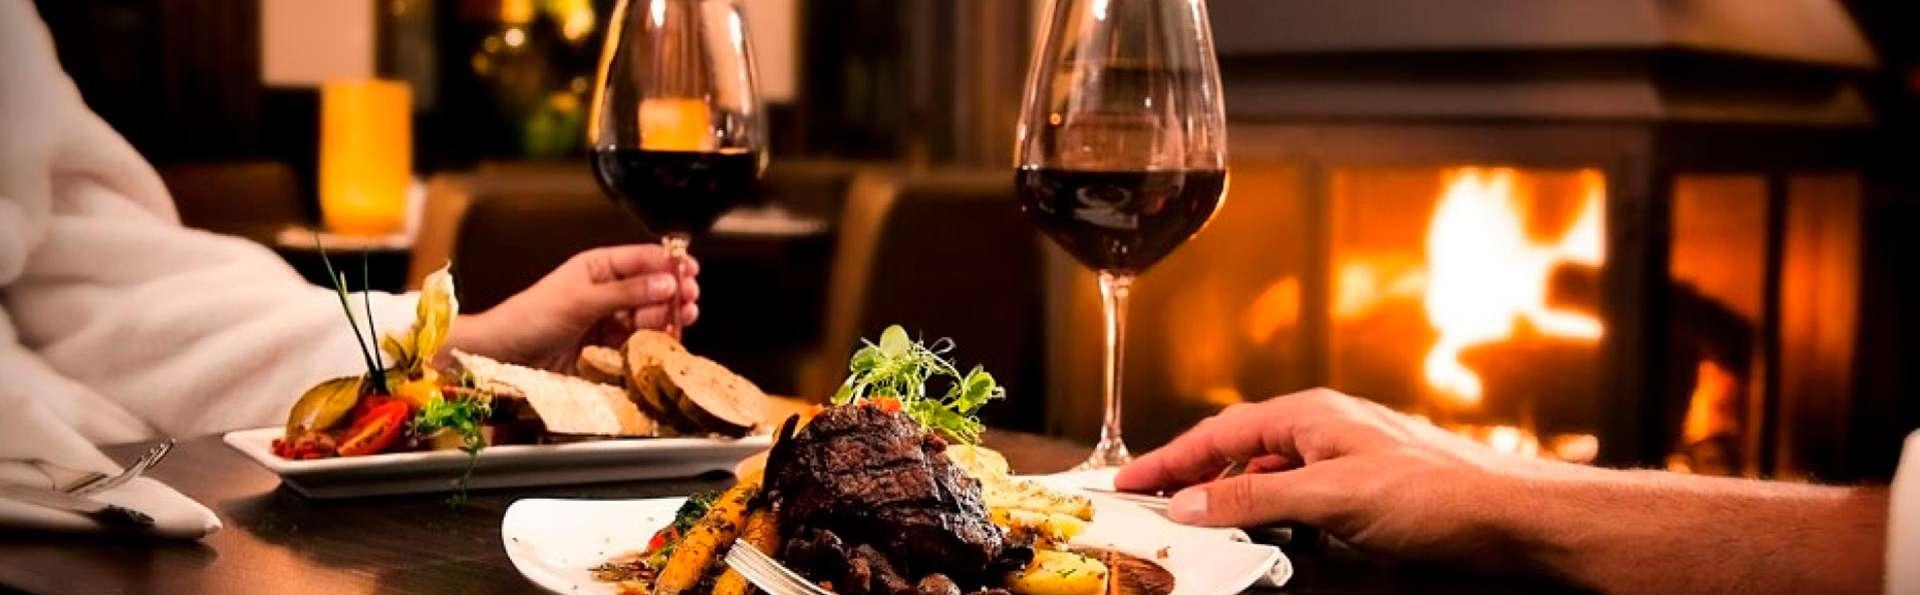 Cena en el corazón del macizo del Jura cerca de Bourg-en-Bresse